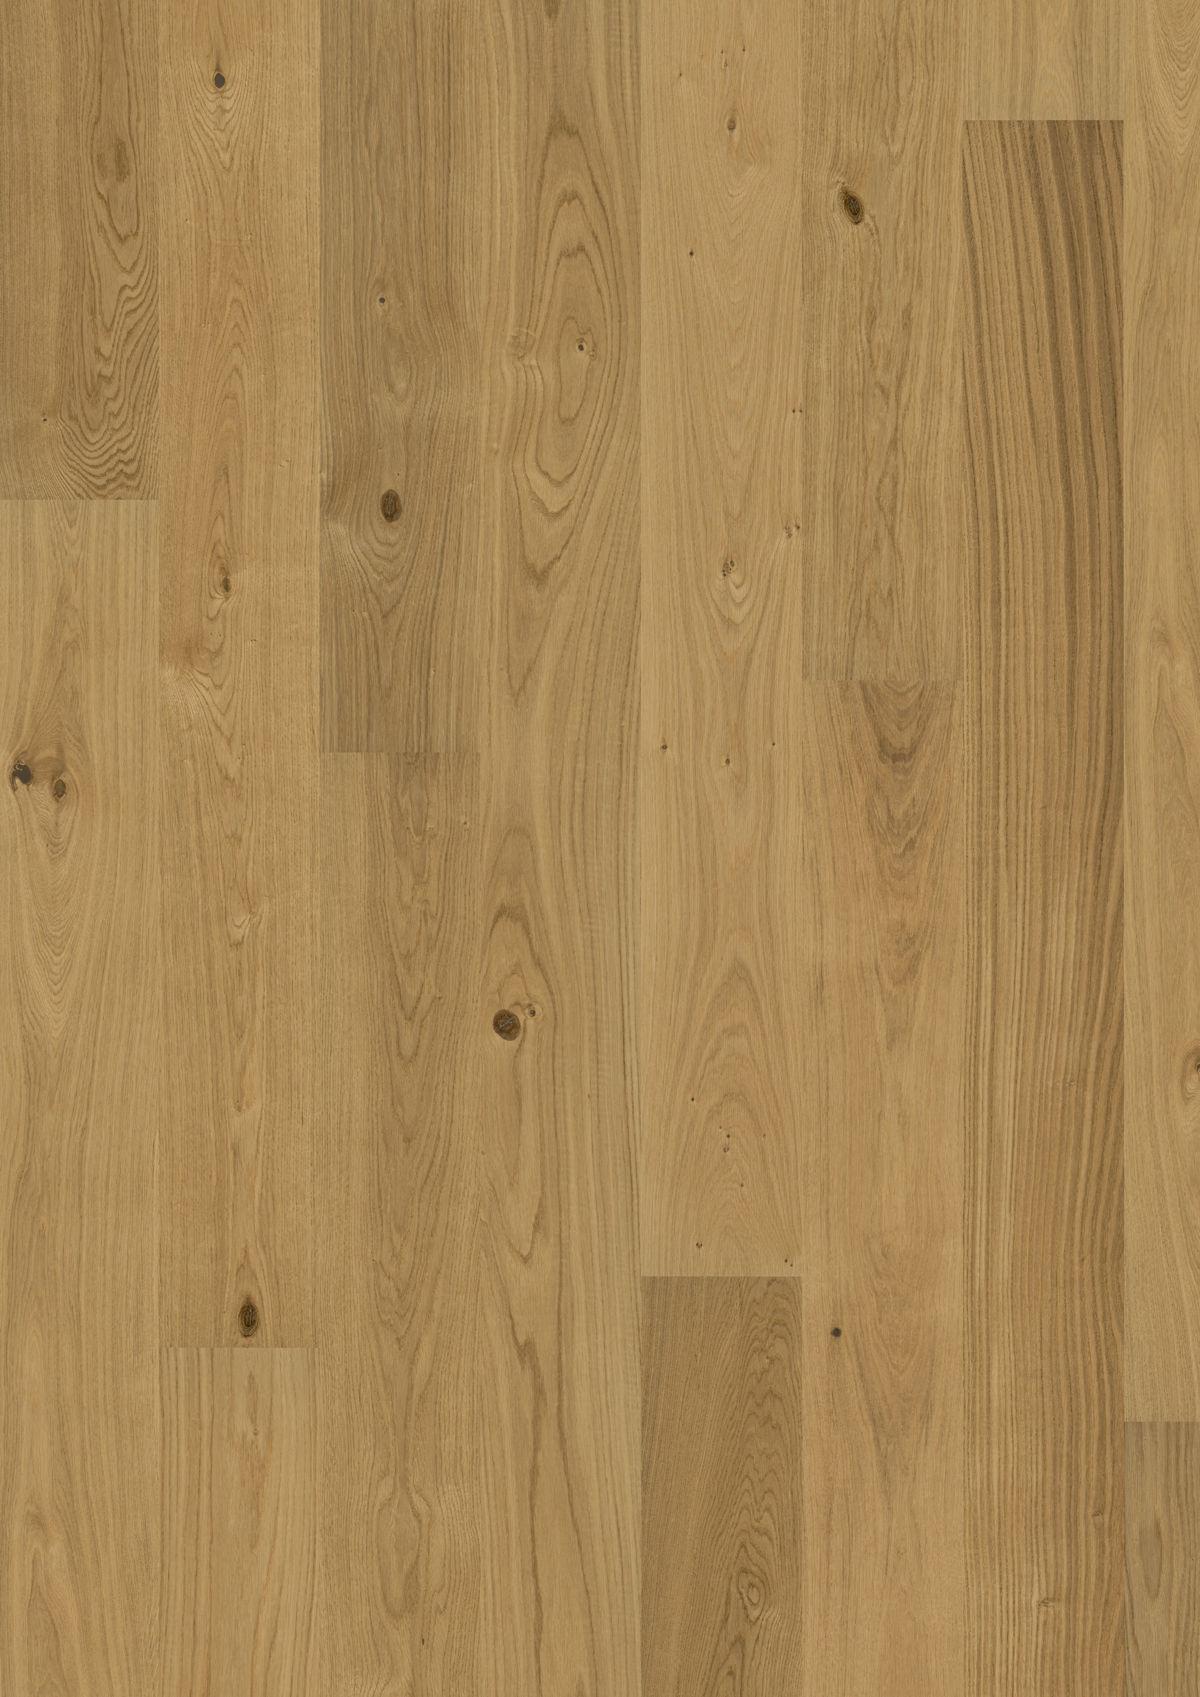 kahrs oak staffordshire engineered wood flooring. Black Bedroom Furniture Sets. Home Design Ideas